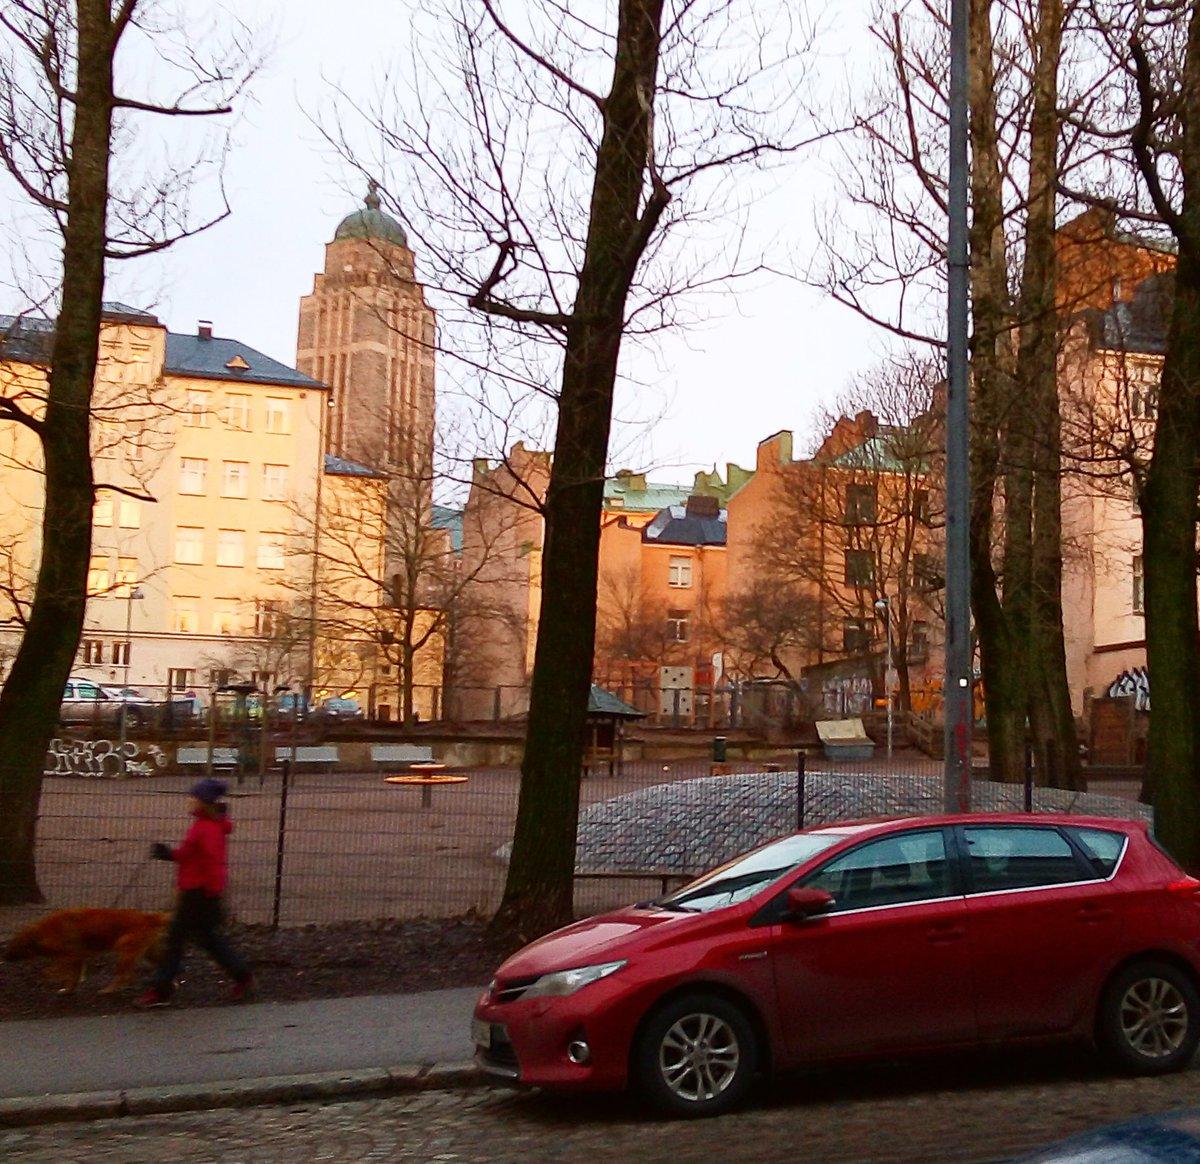 Huhuu, #aurinko! Eilen olit ilonamme. Kävelin aamulla töihin ja nautin valosta. Kalenterin mukaan talvenselkä on taittunut. Eipä mulla muuta. Hyvää viikonloppua sullekin!  #January #morning in #Helsinki #Finland #taidebongari #auringonnousu #sunrise #lumetontalvi #nosnowpic.twitter.com/BeZCwDw2Nm